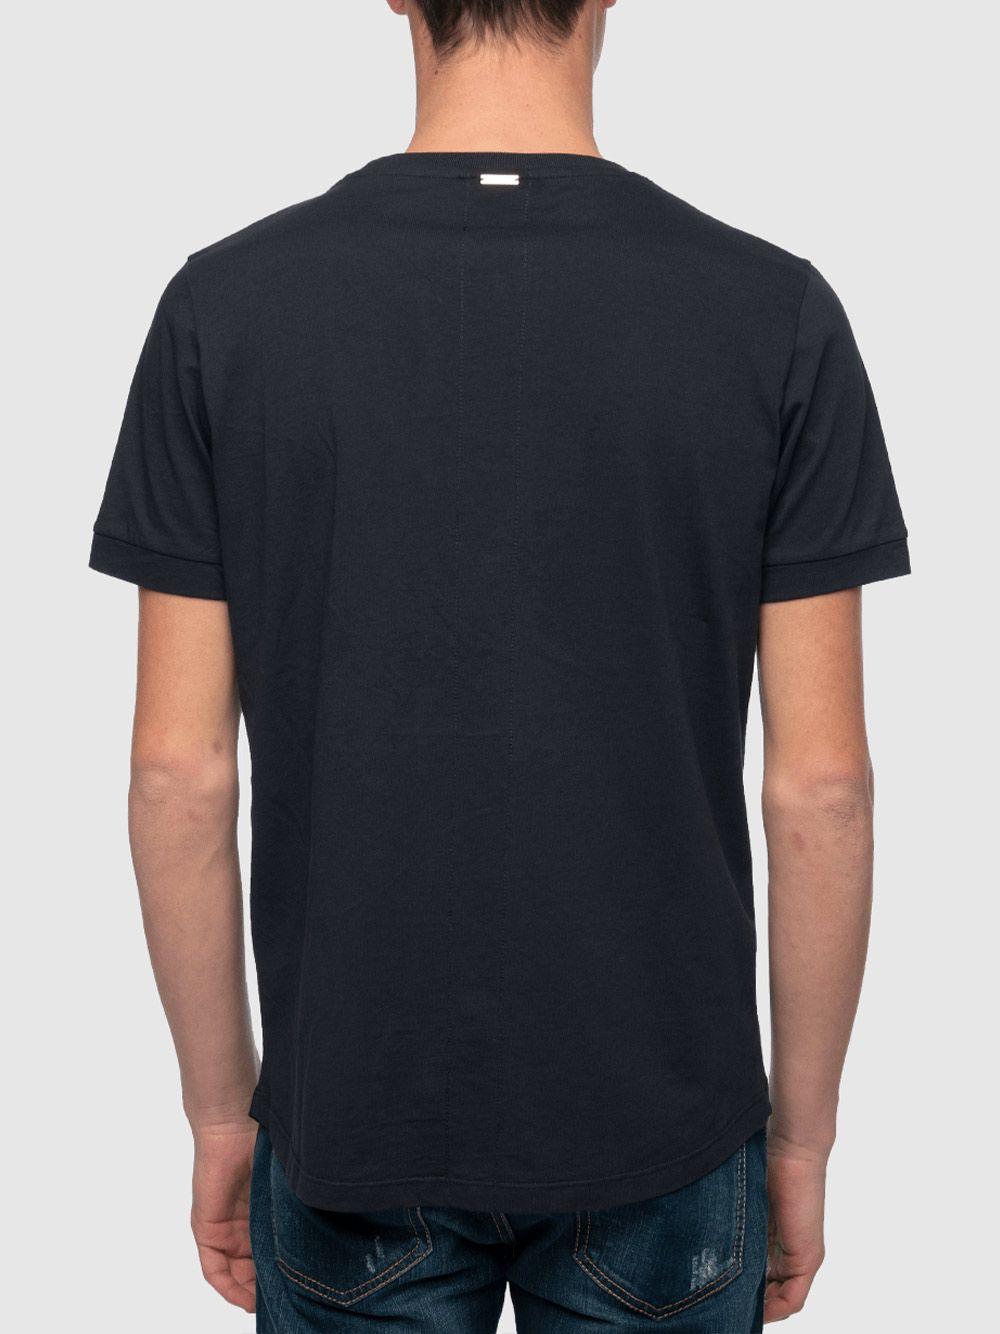 Inimigo T-Shirt | Inimigo